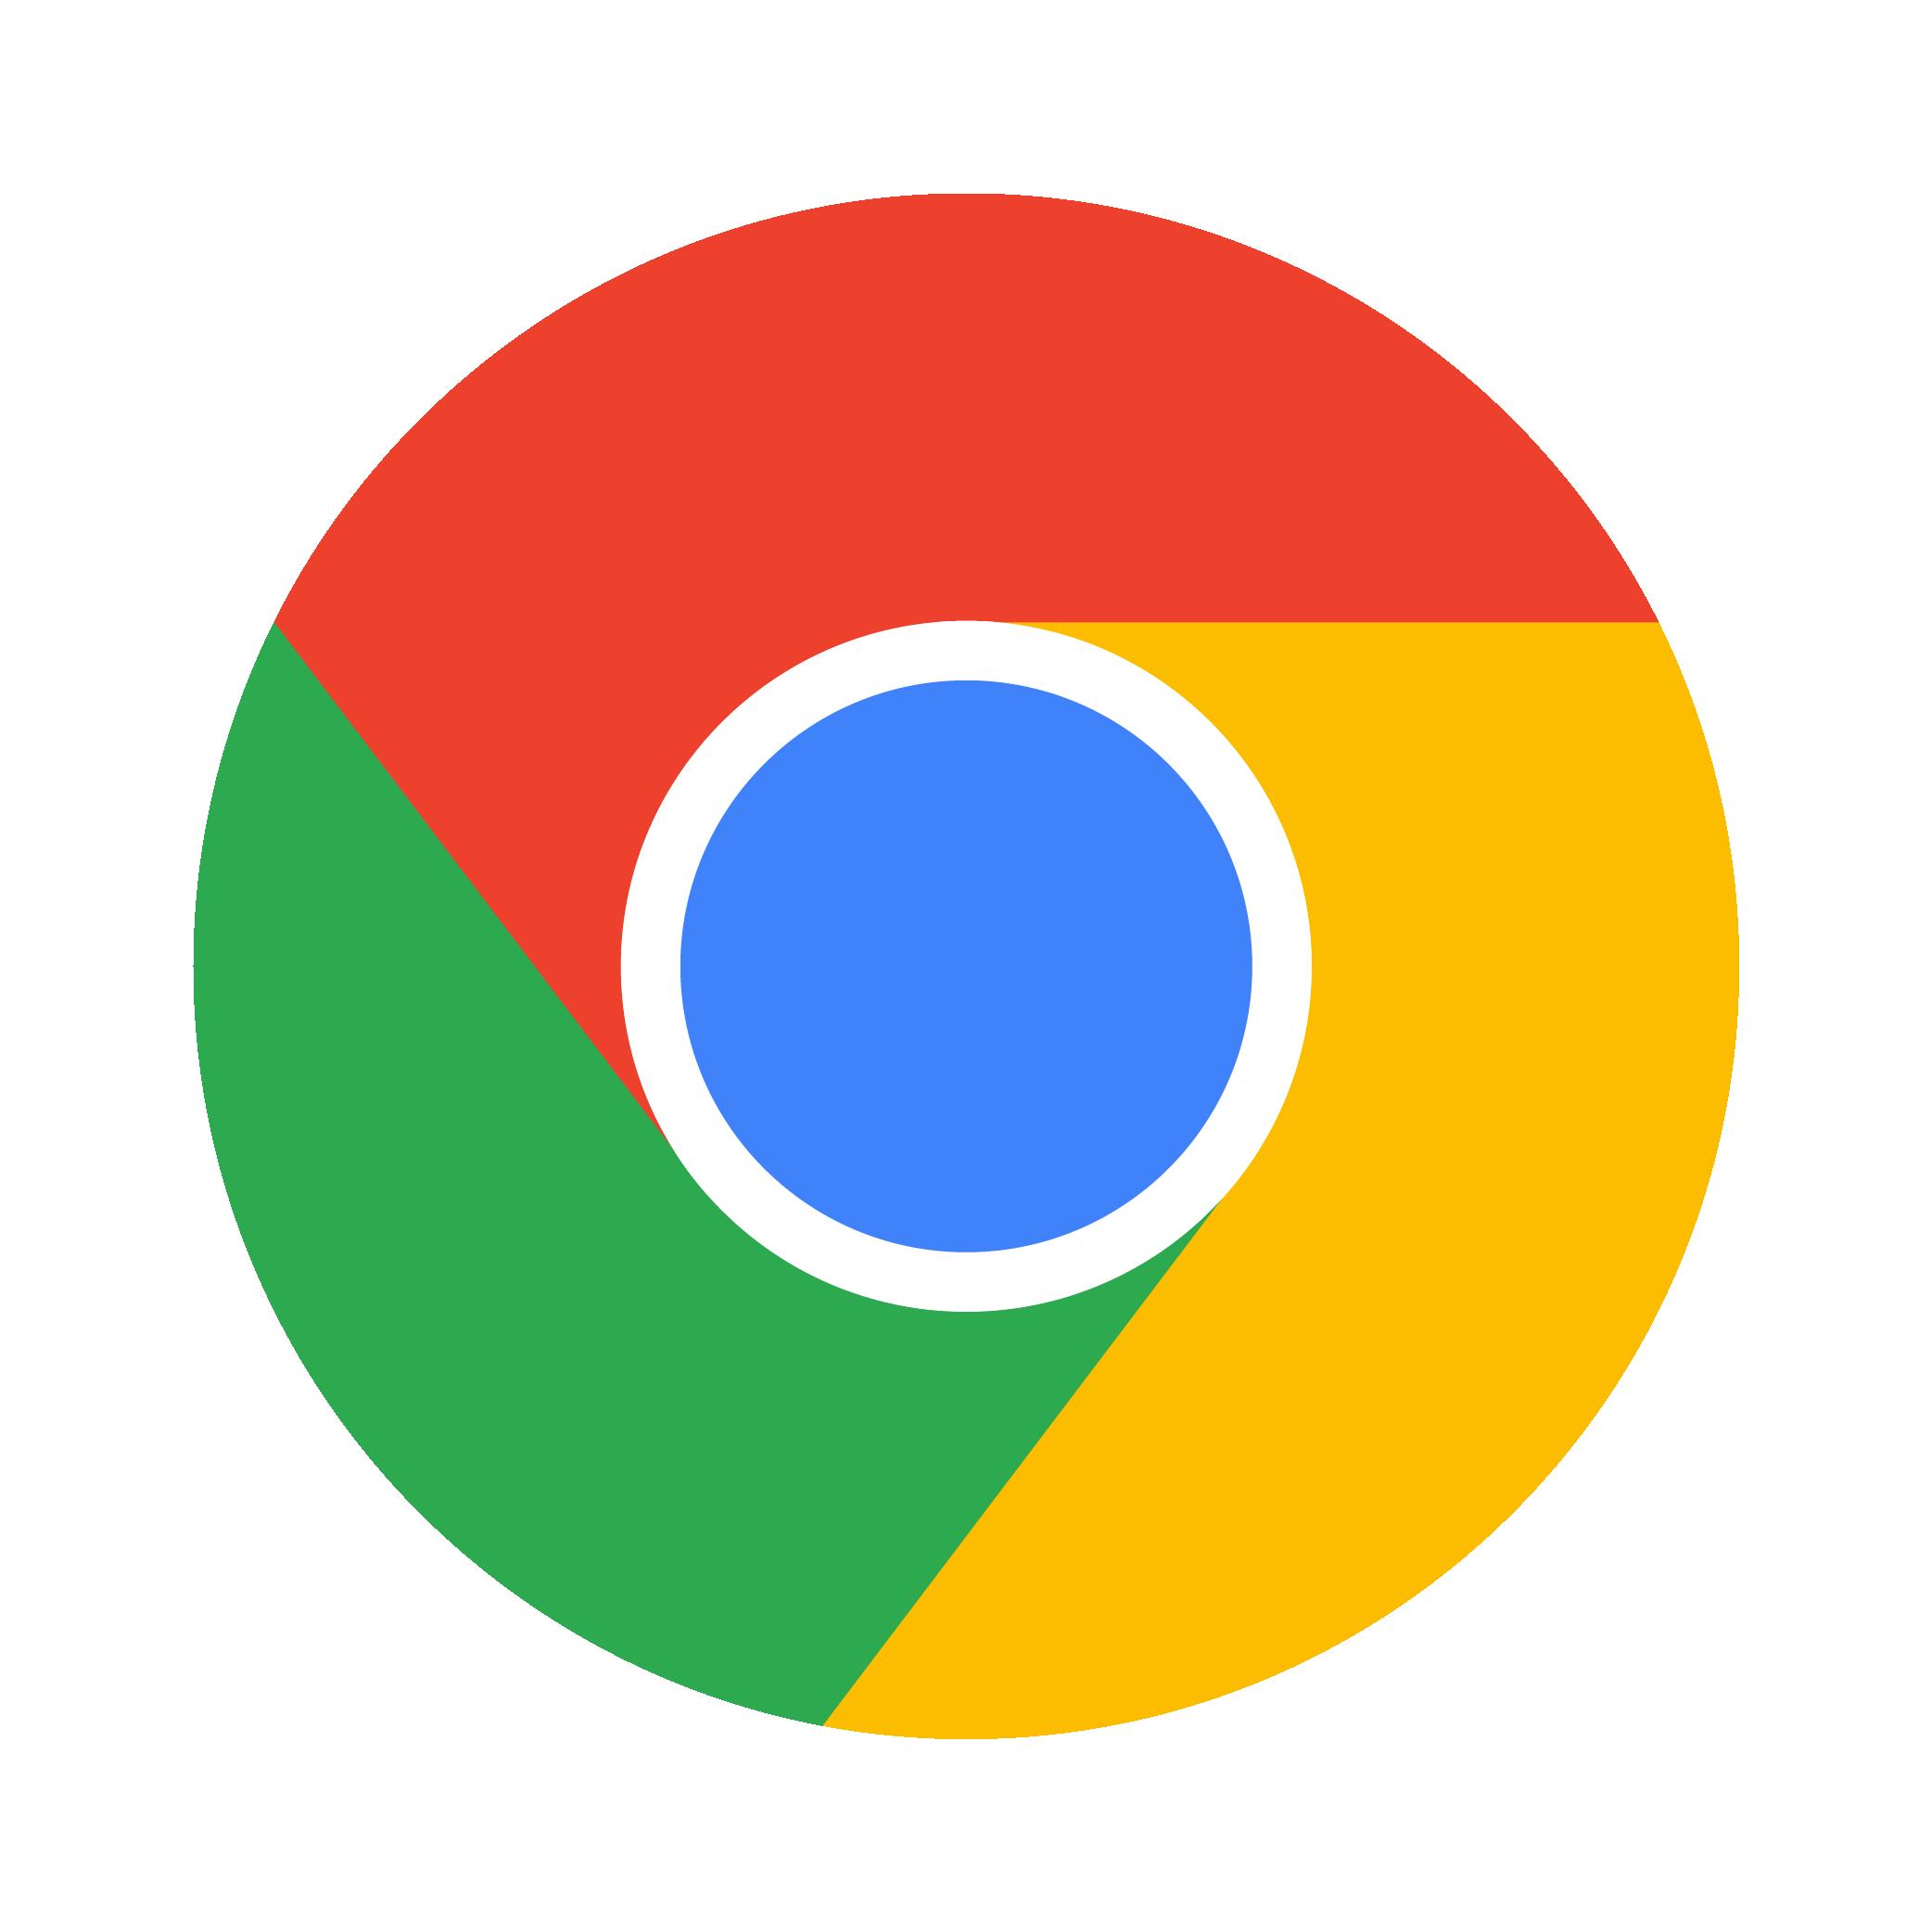 svg library stock Ic ne google chrome. Vector crest illustrator